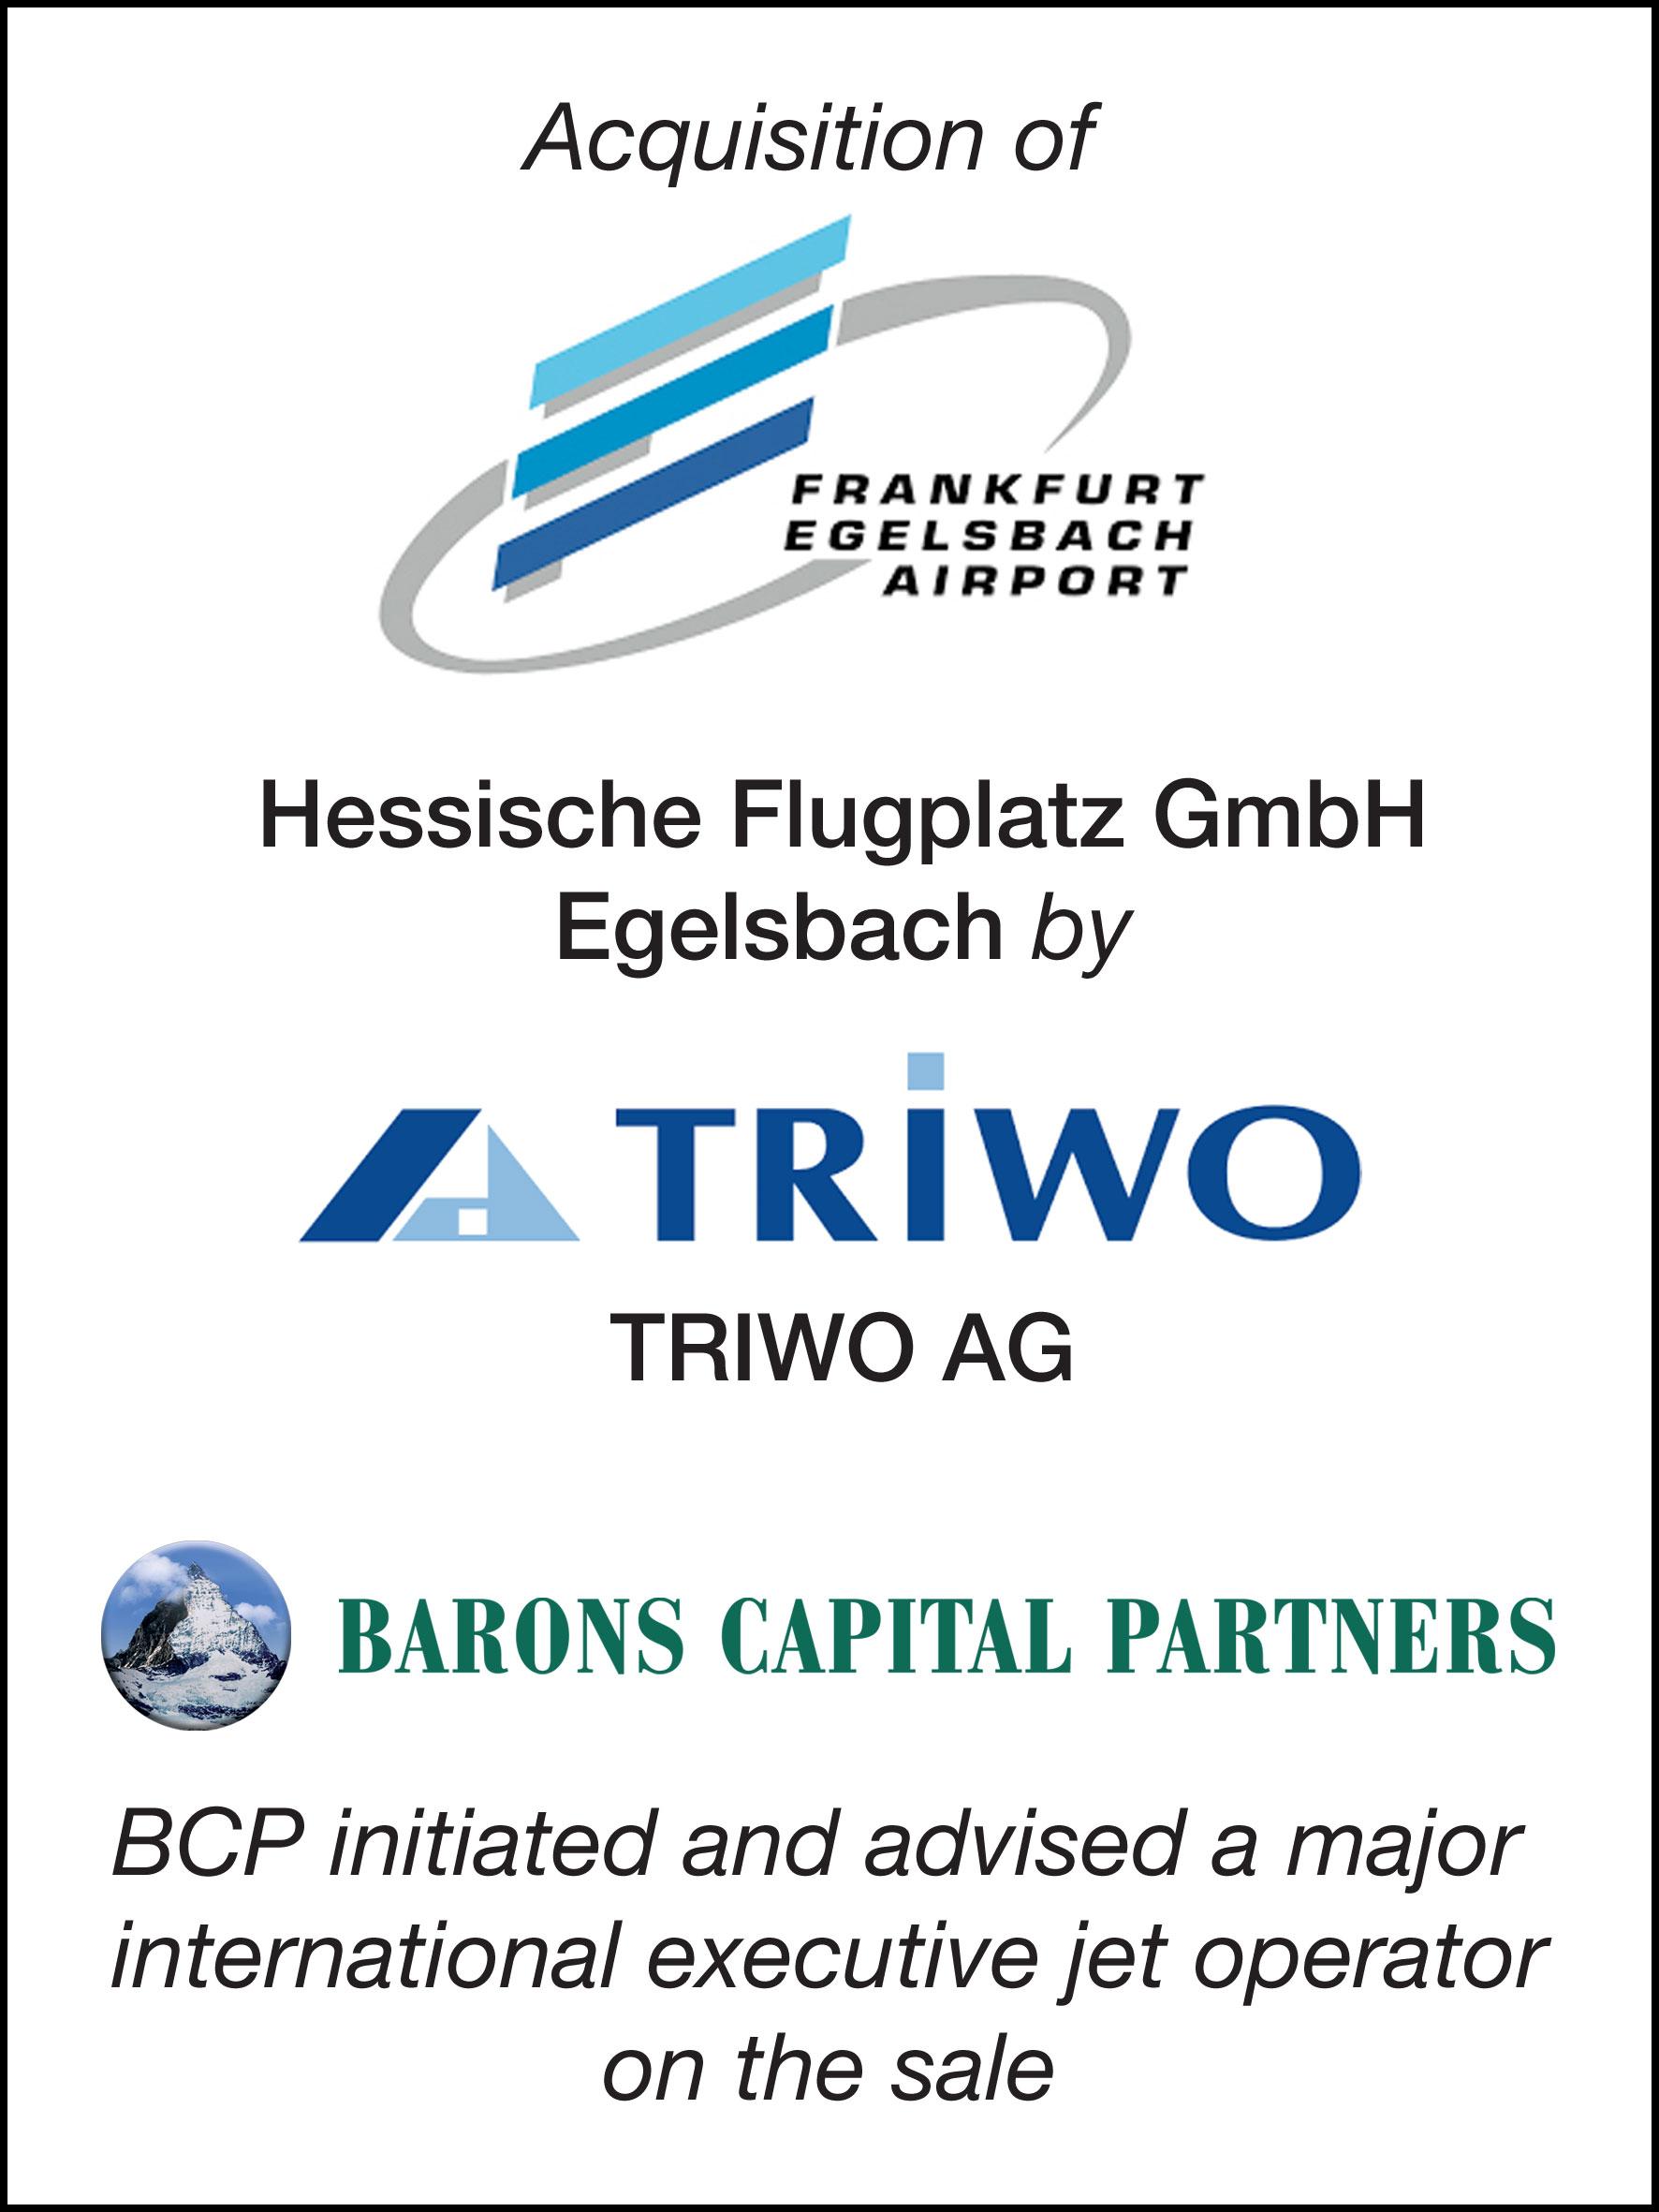 5-1_Hessische Flugplatz GmbH Egelsbach